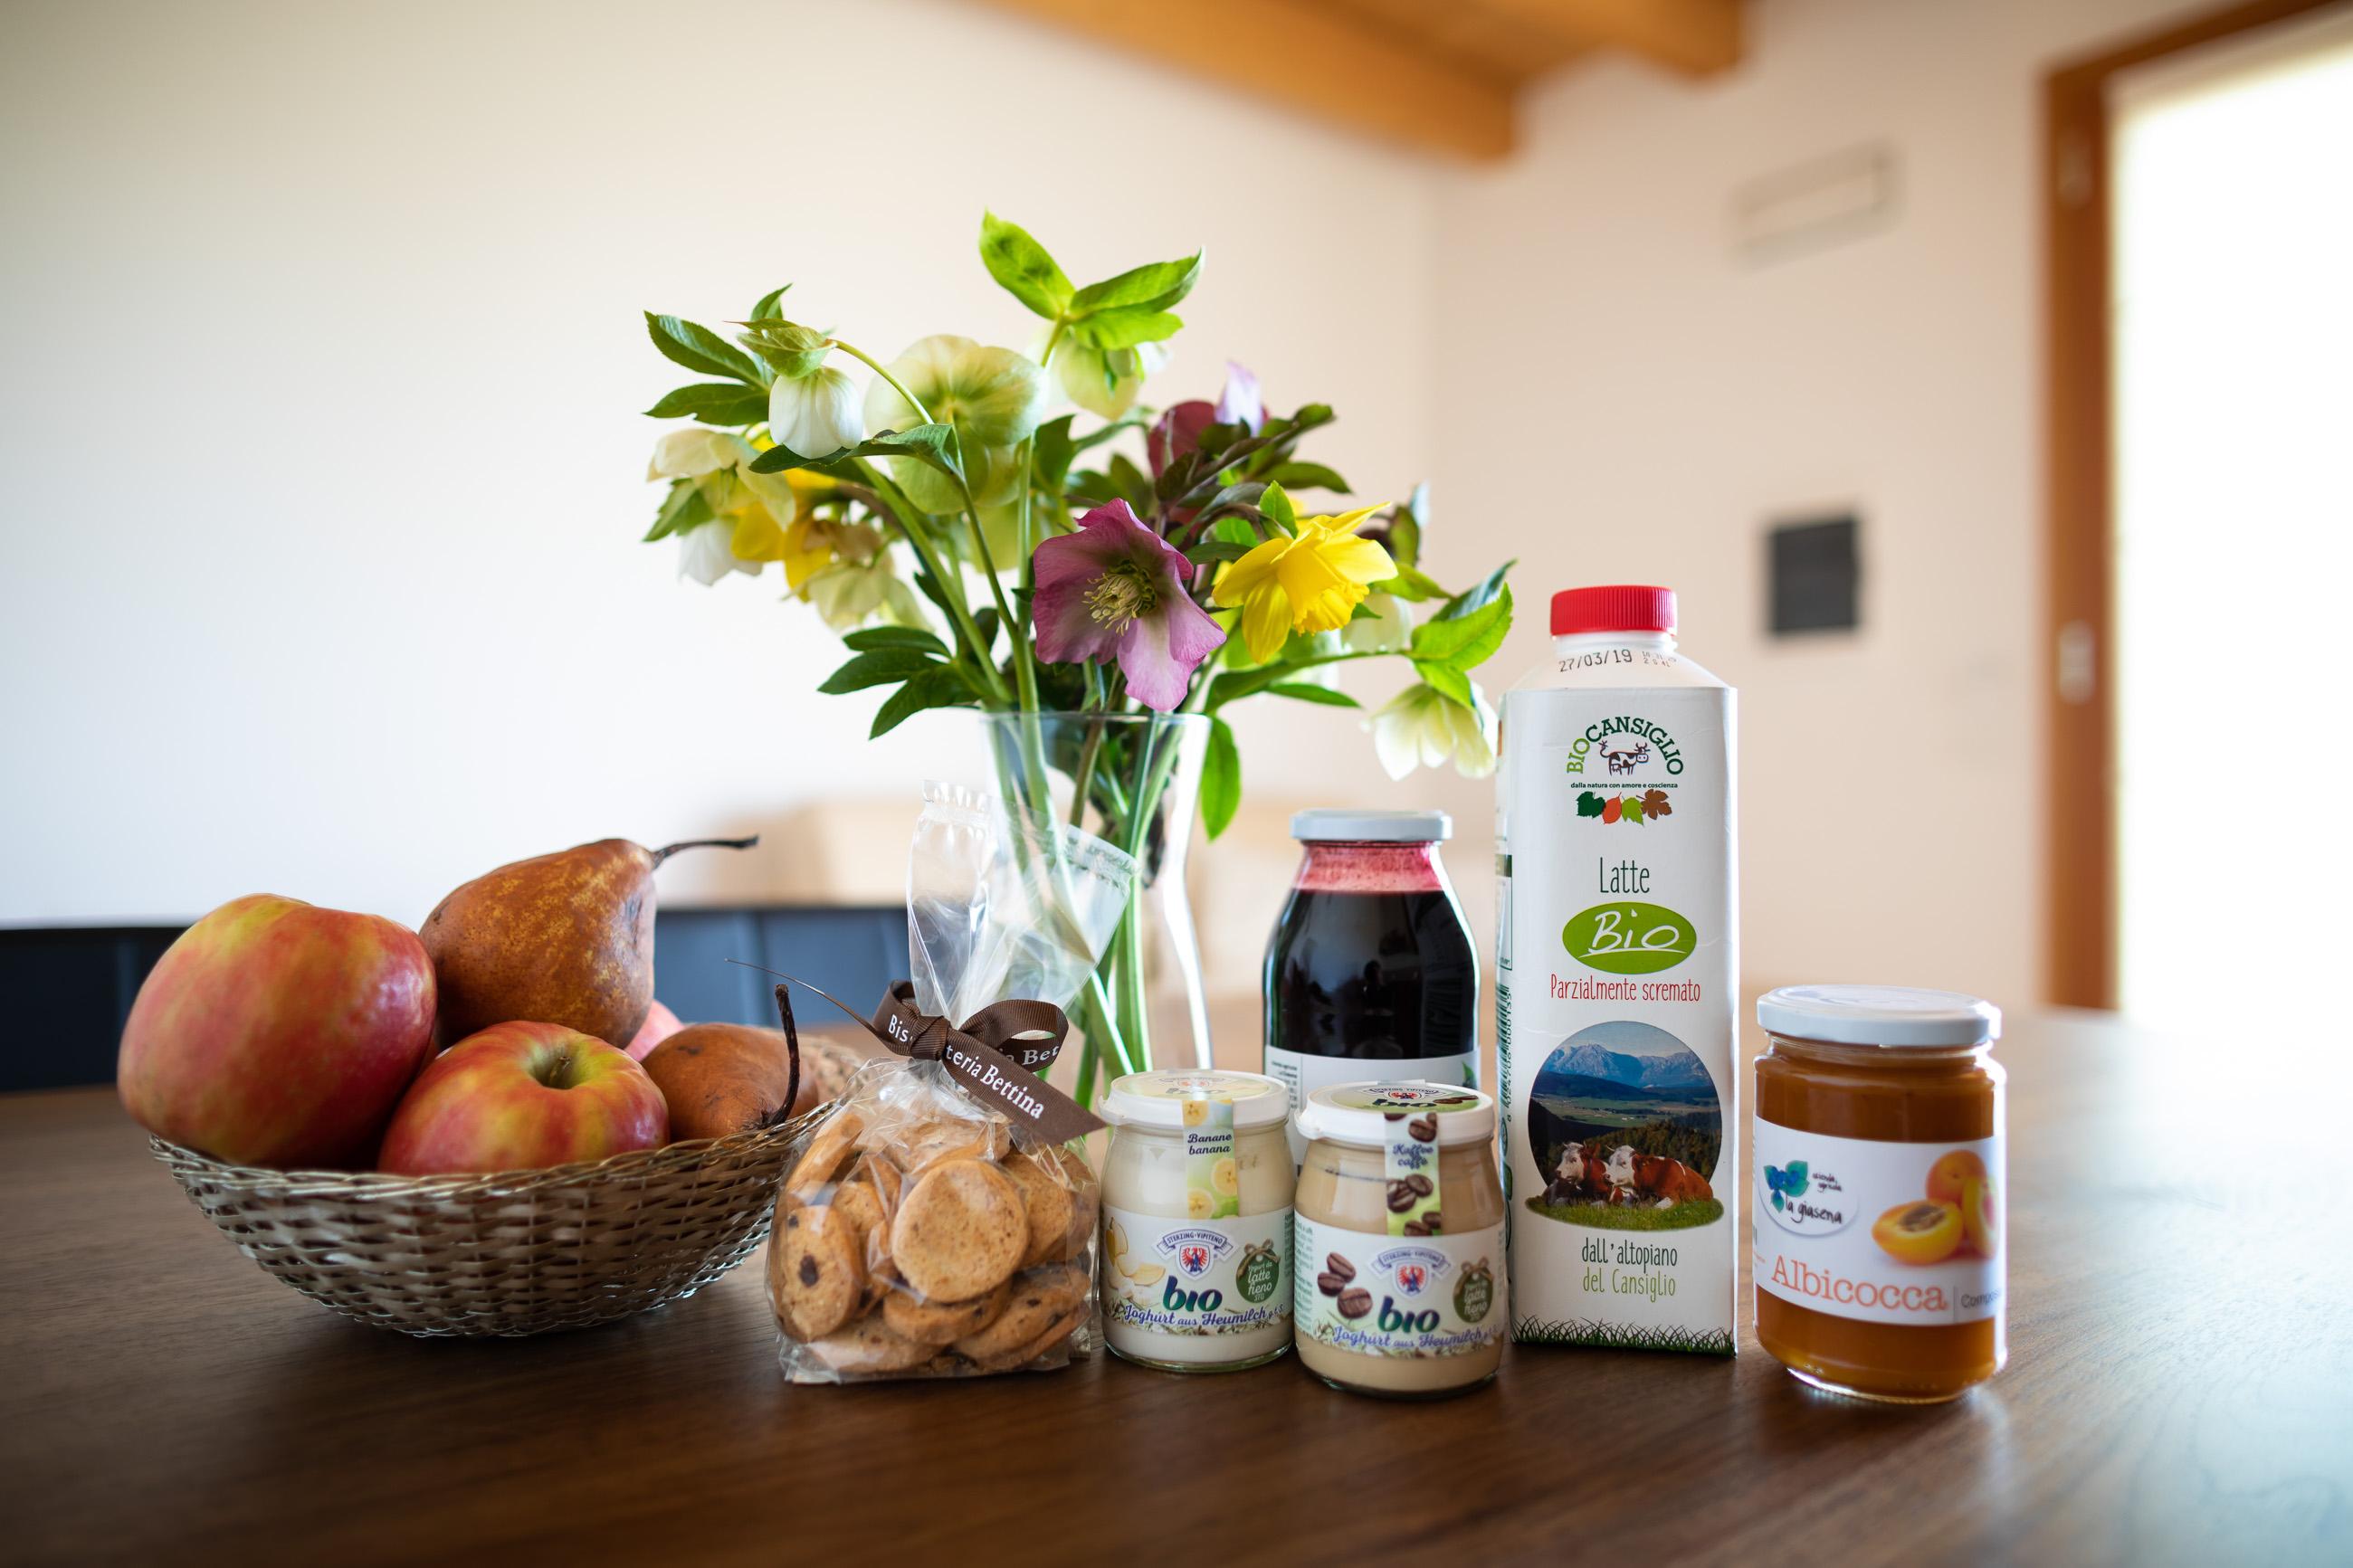 prima colazione di Casa Fiorindo, a base di prodotti biologici e locali, selezionati da Paola